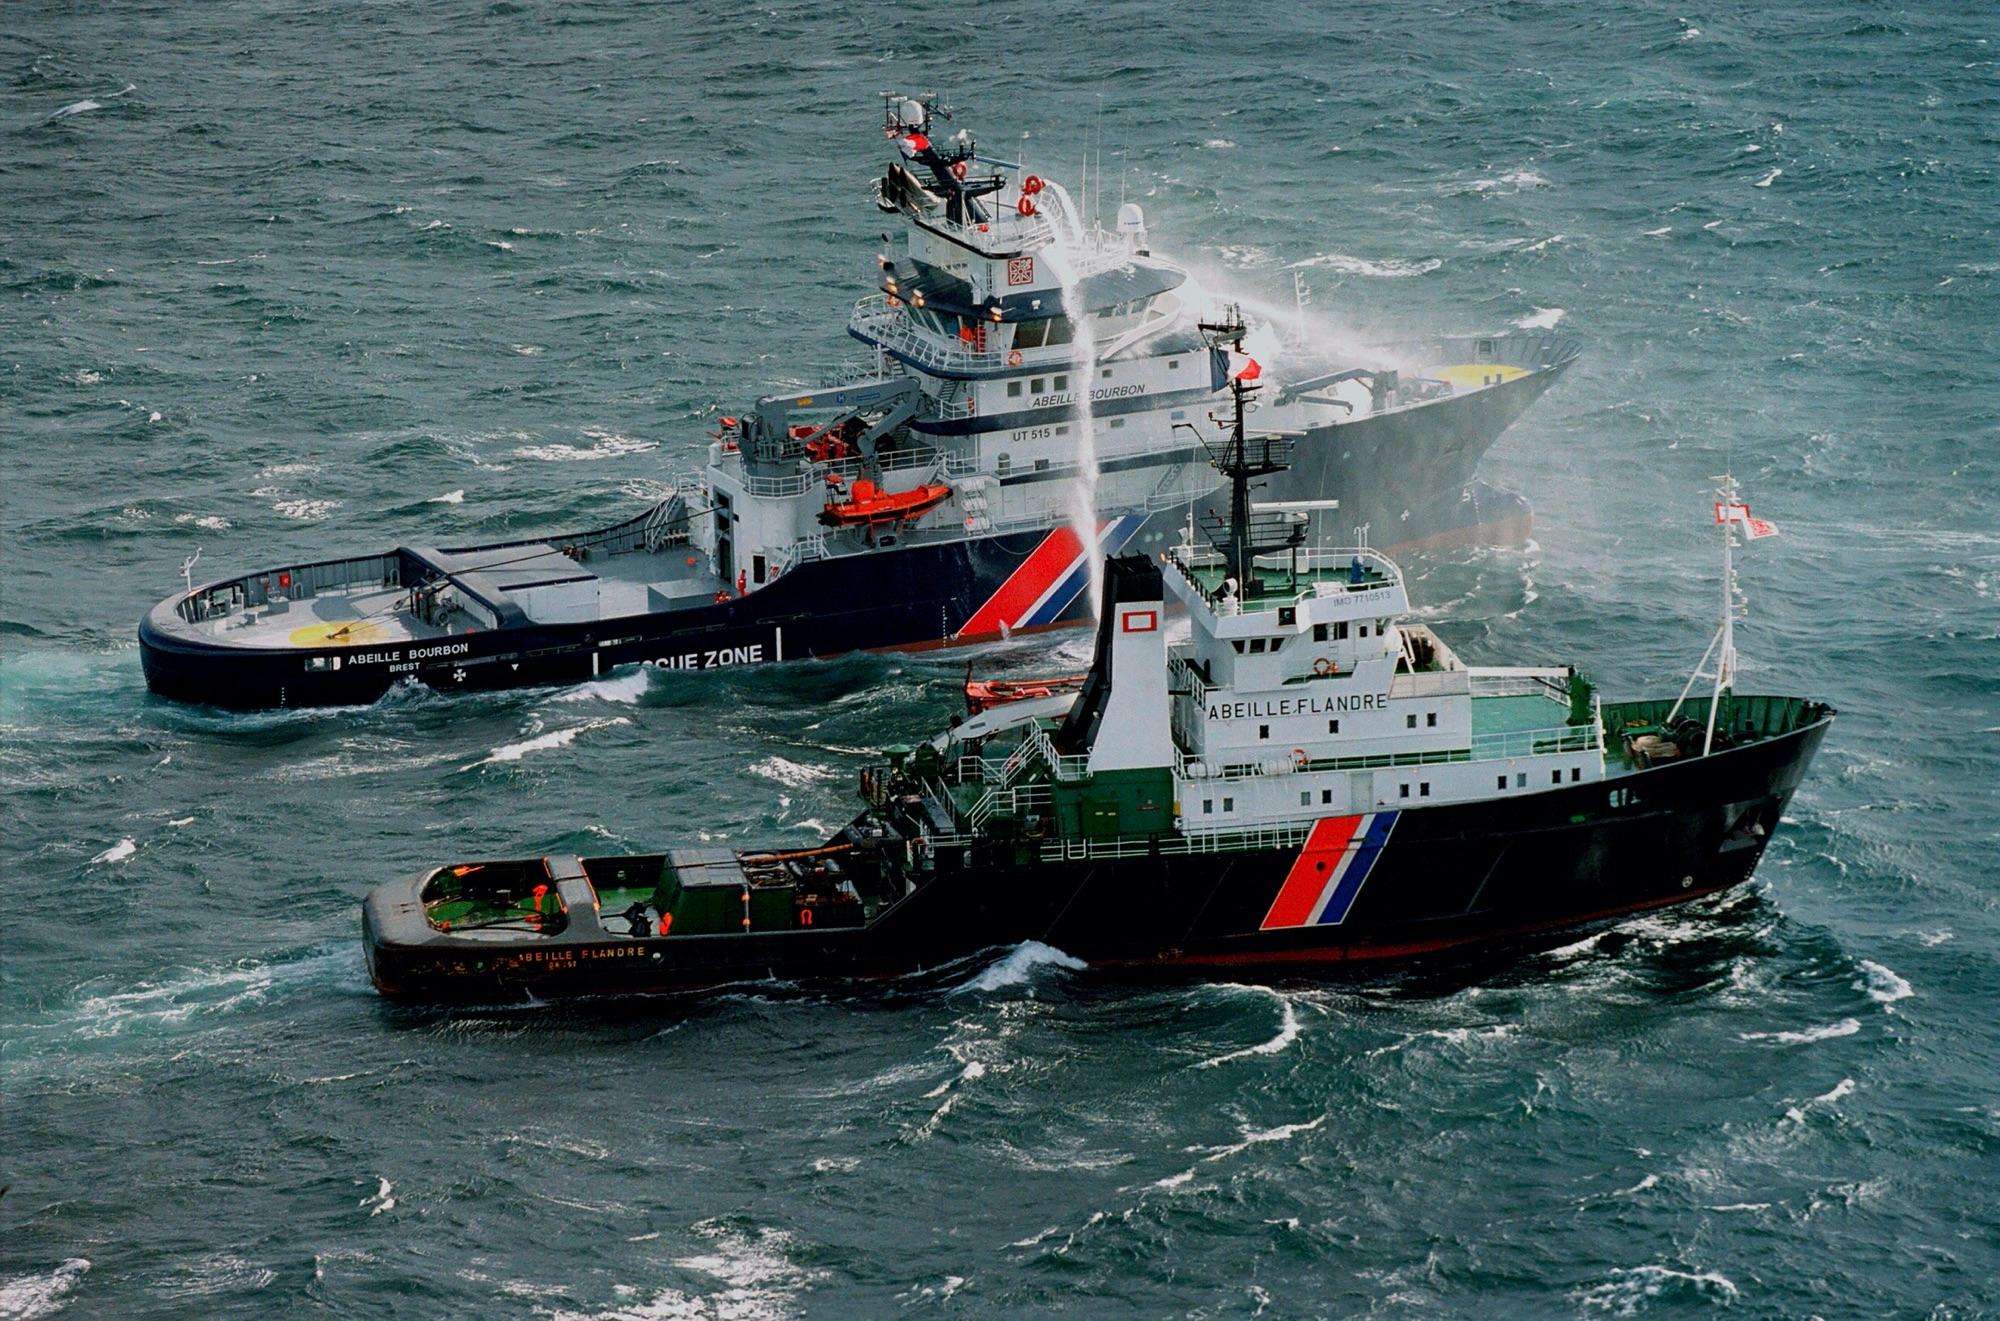 L'Abeille Flandre, Remorqueur de haute mer, affrétée par la Marine Nationale Française